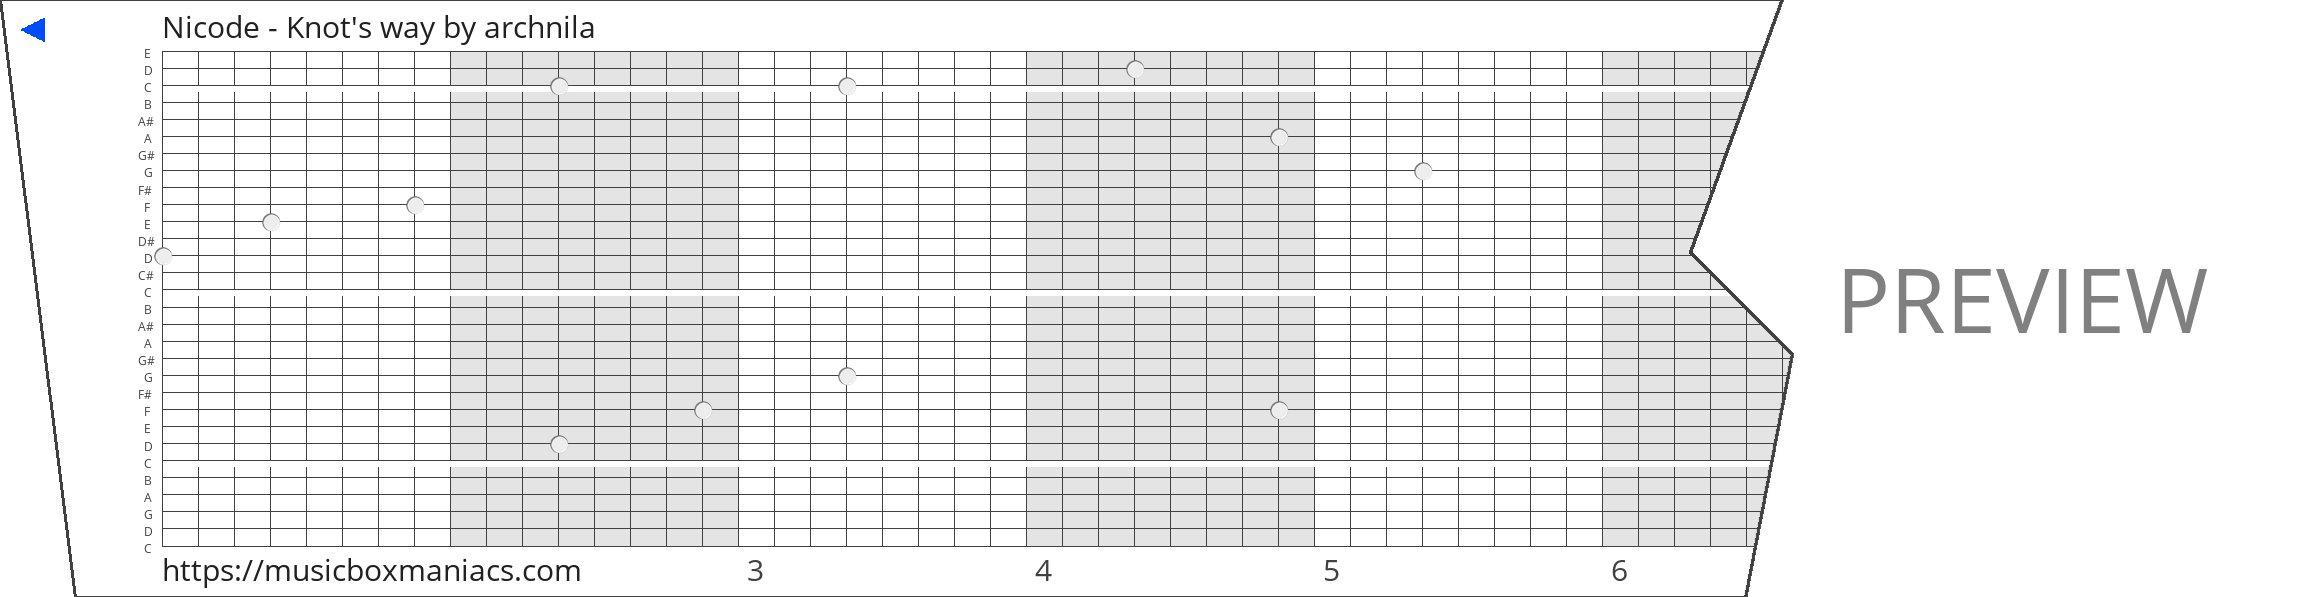 Nicode - Knot's way 30 note music box paper strip